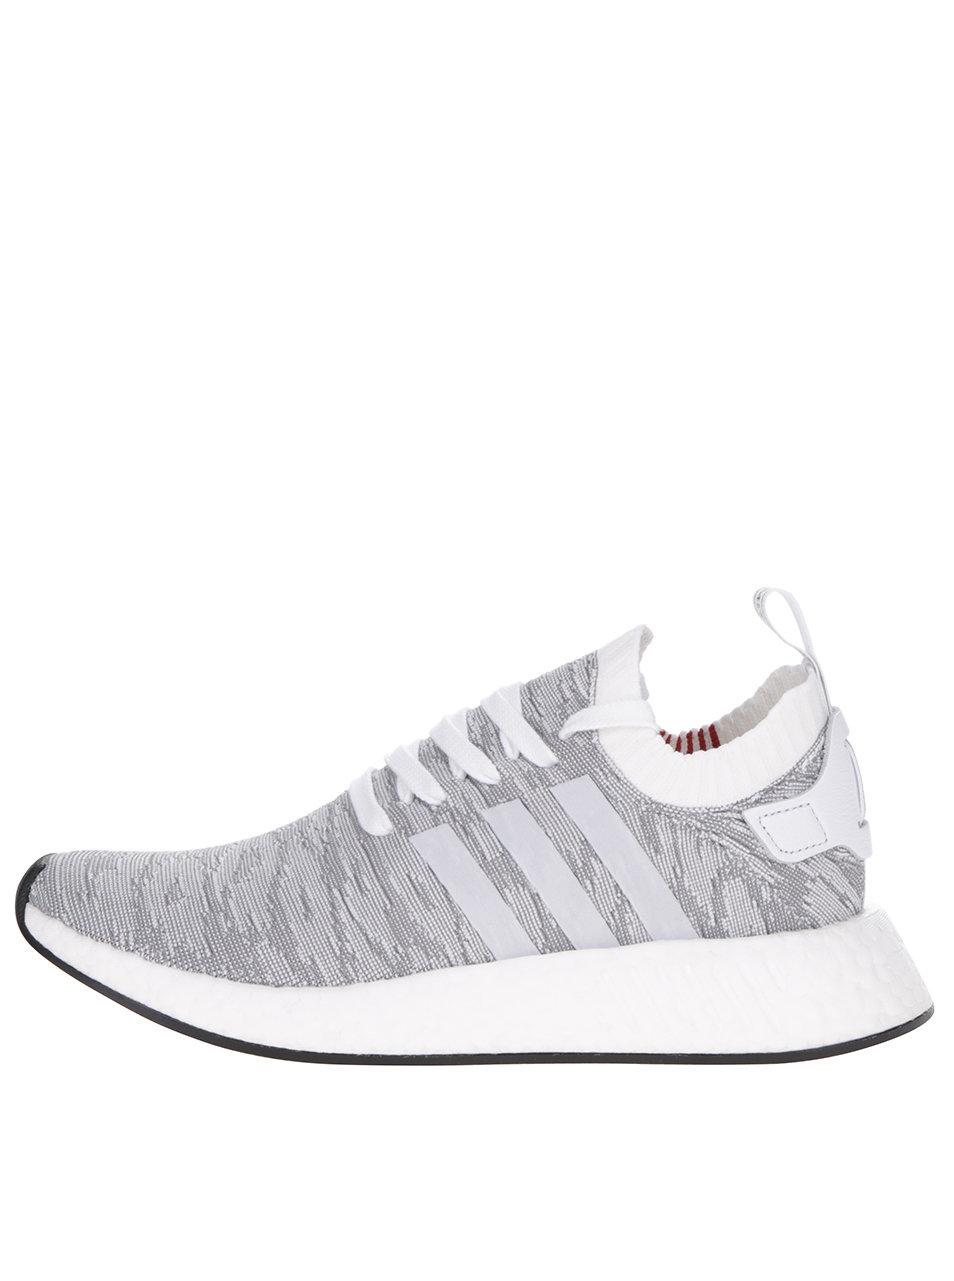 9675441045c31 Bielo-sivé pánske vzorované tenisky adidas Originals NMD | ZOOT.sk